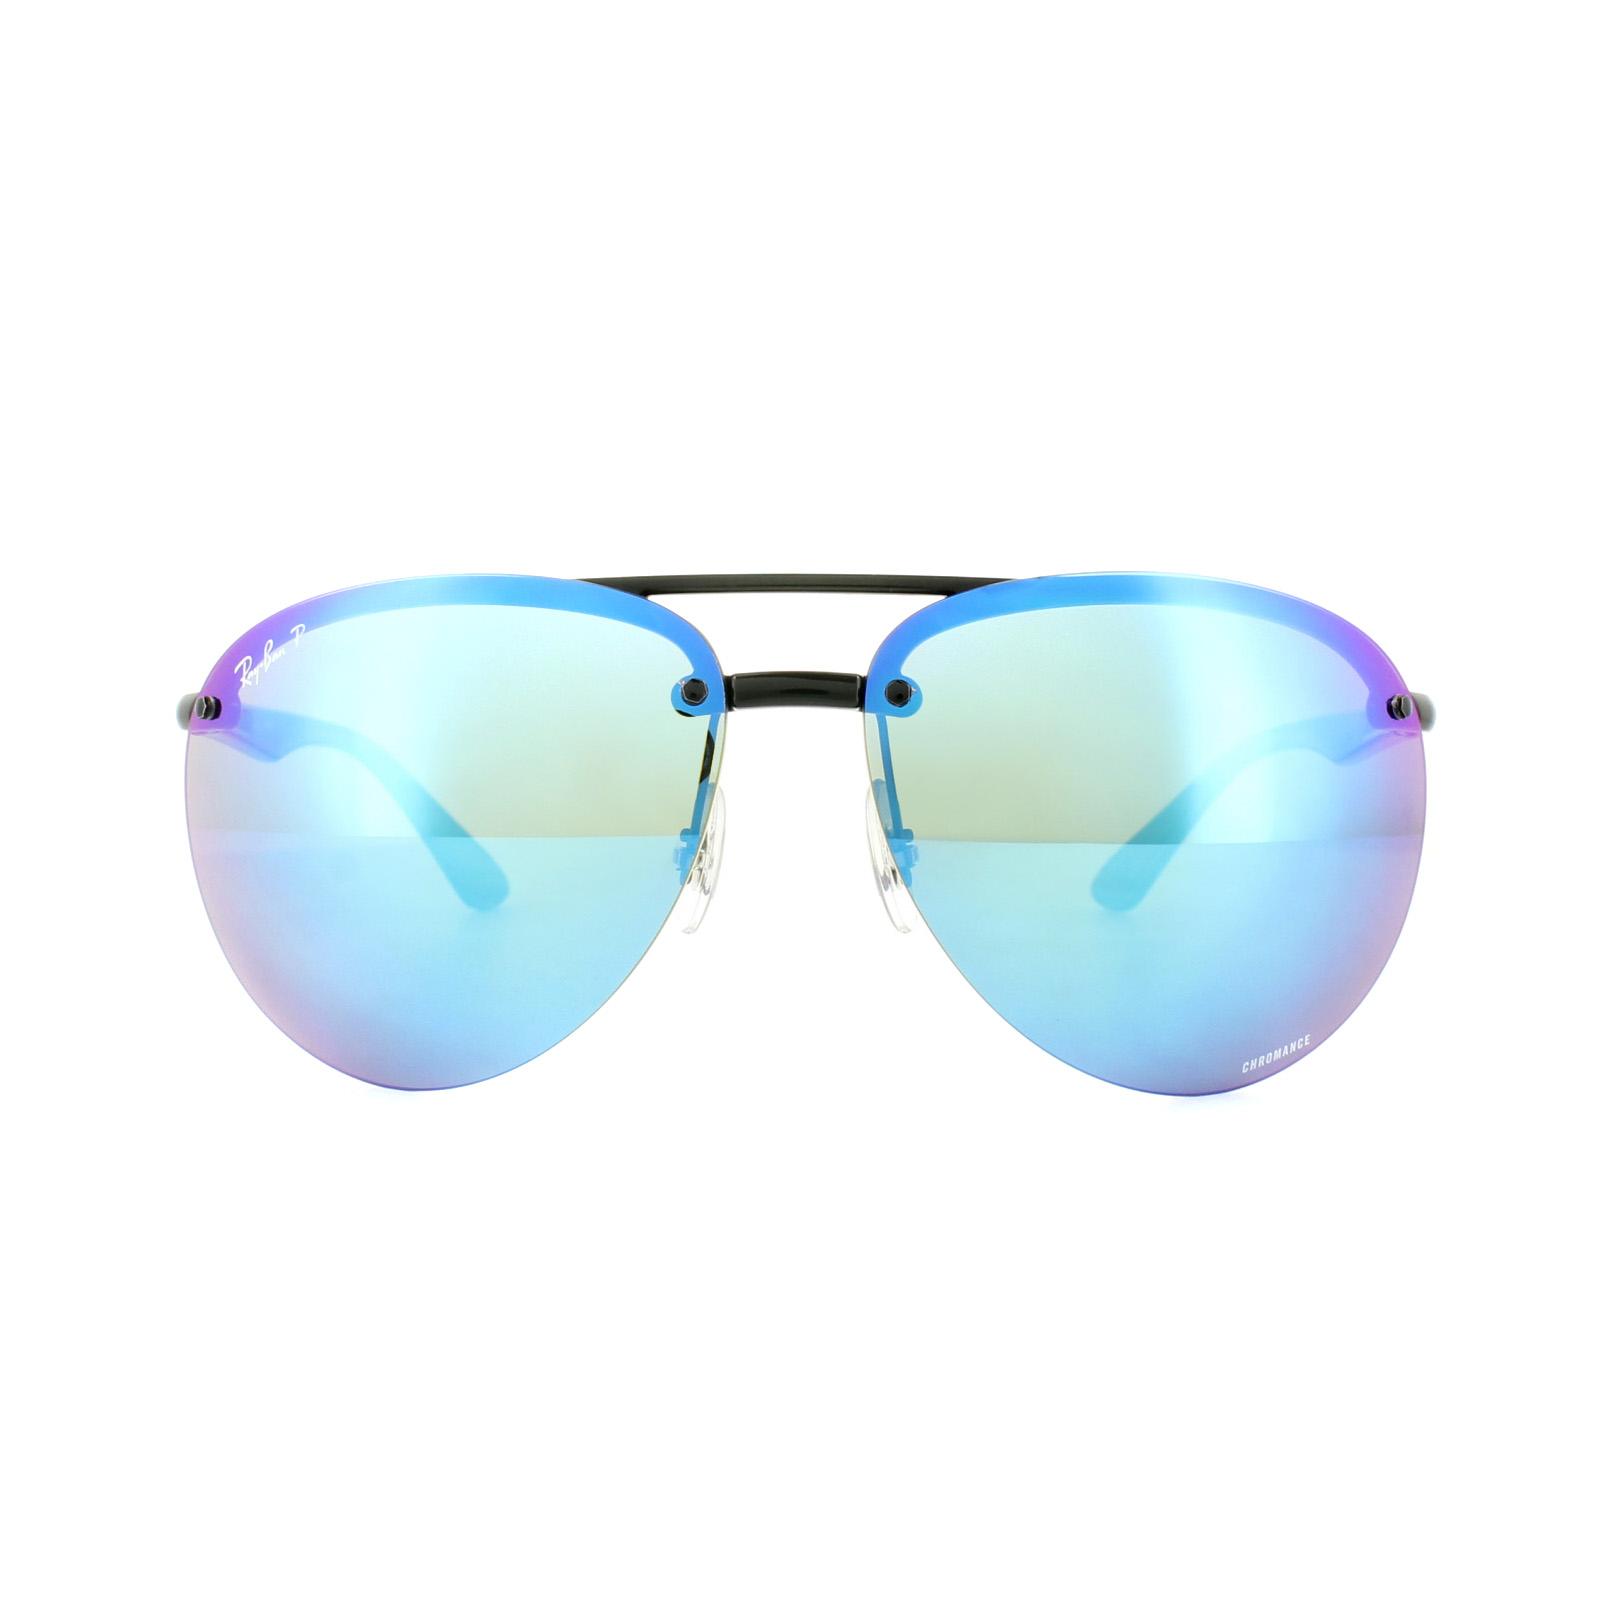 4b216e5d4b1 Cheap Ray-Ban 4293CH Sunglasses - Discounted Sunglasses